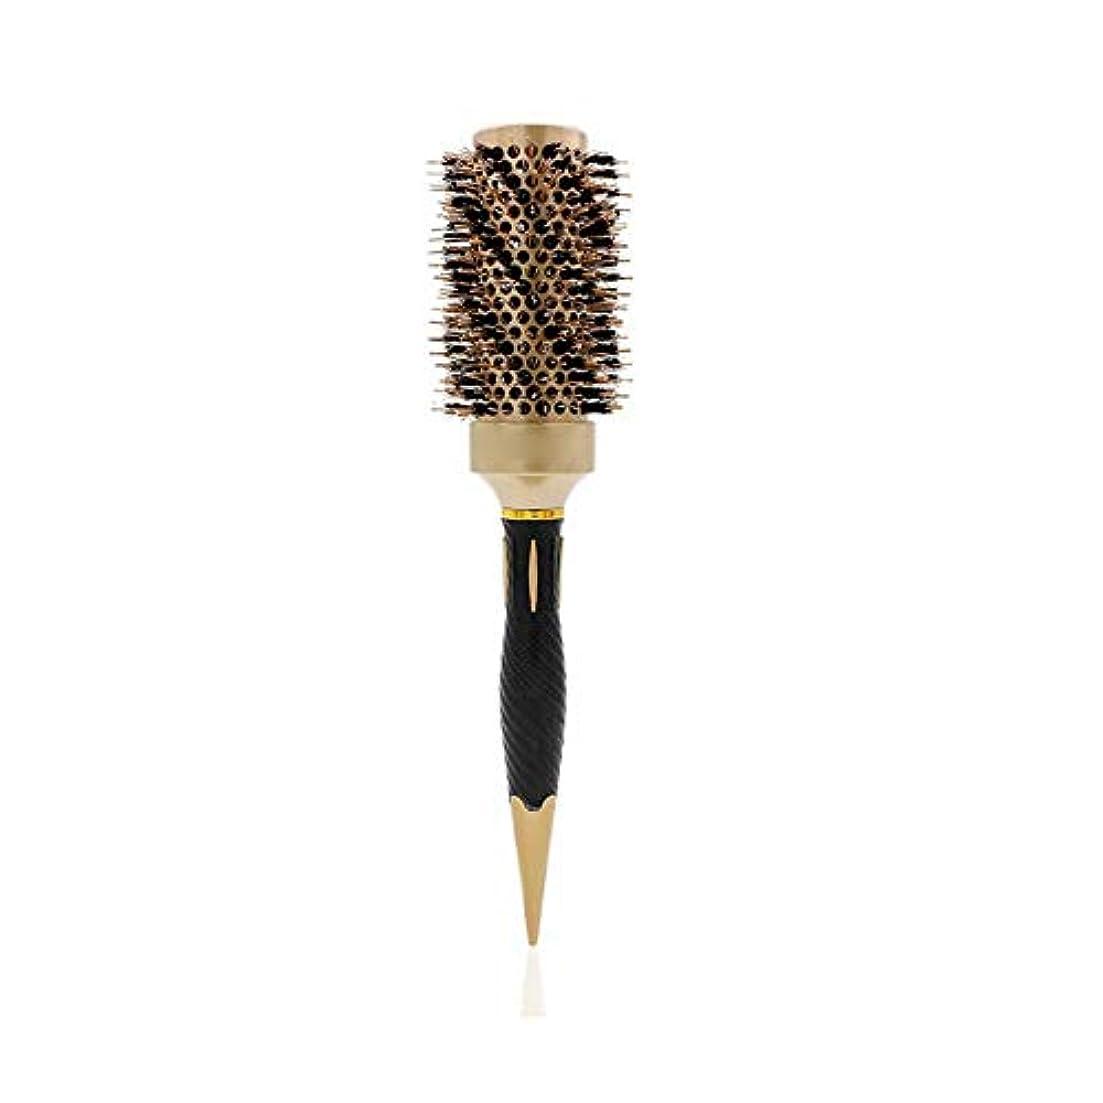 クラス葉っぱ側溝丸いヘアブラシは、セラミック円筒加熱ローラ櫛サブエアチューブを43ミリメートルヘアサロンヘアドライヤー毛